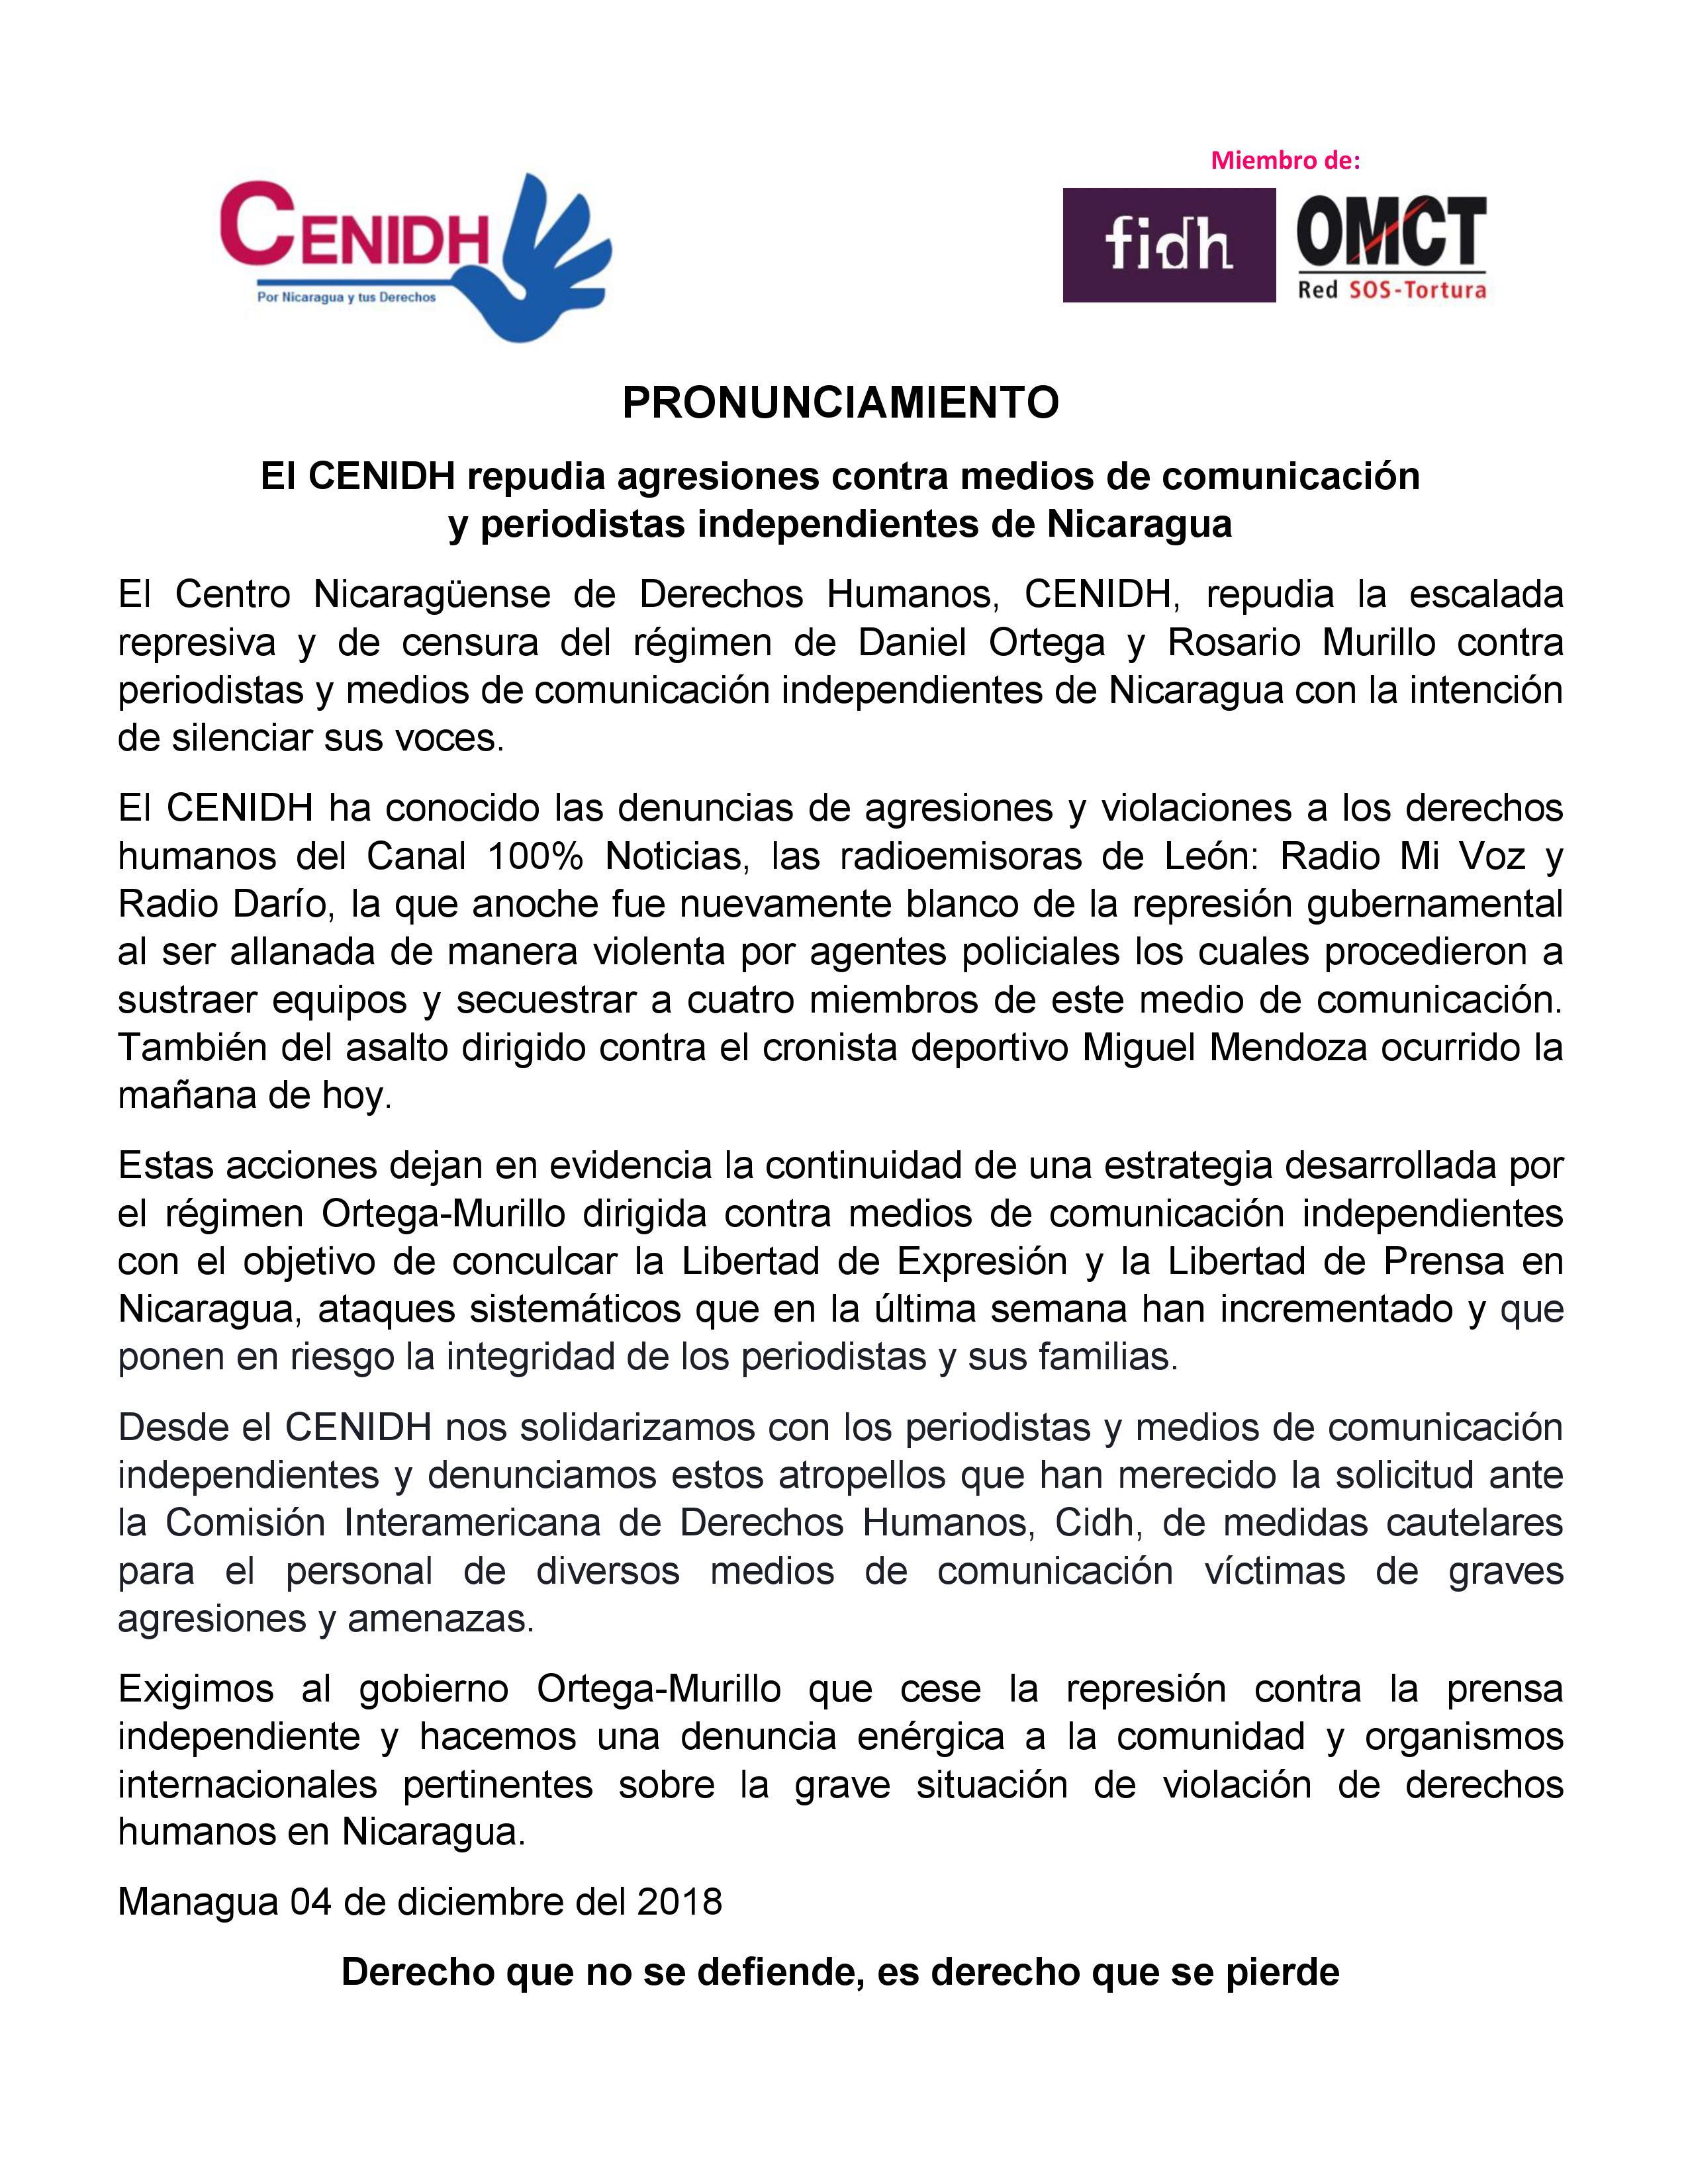 Comunicado del Cenidh condenando los actos de violencia contra los periodistas